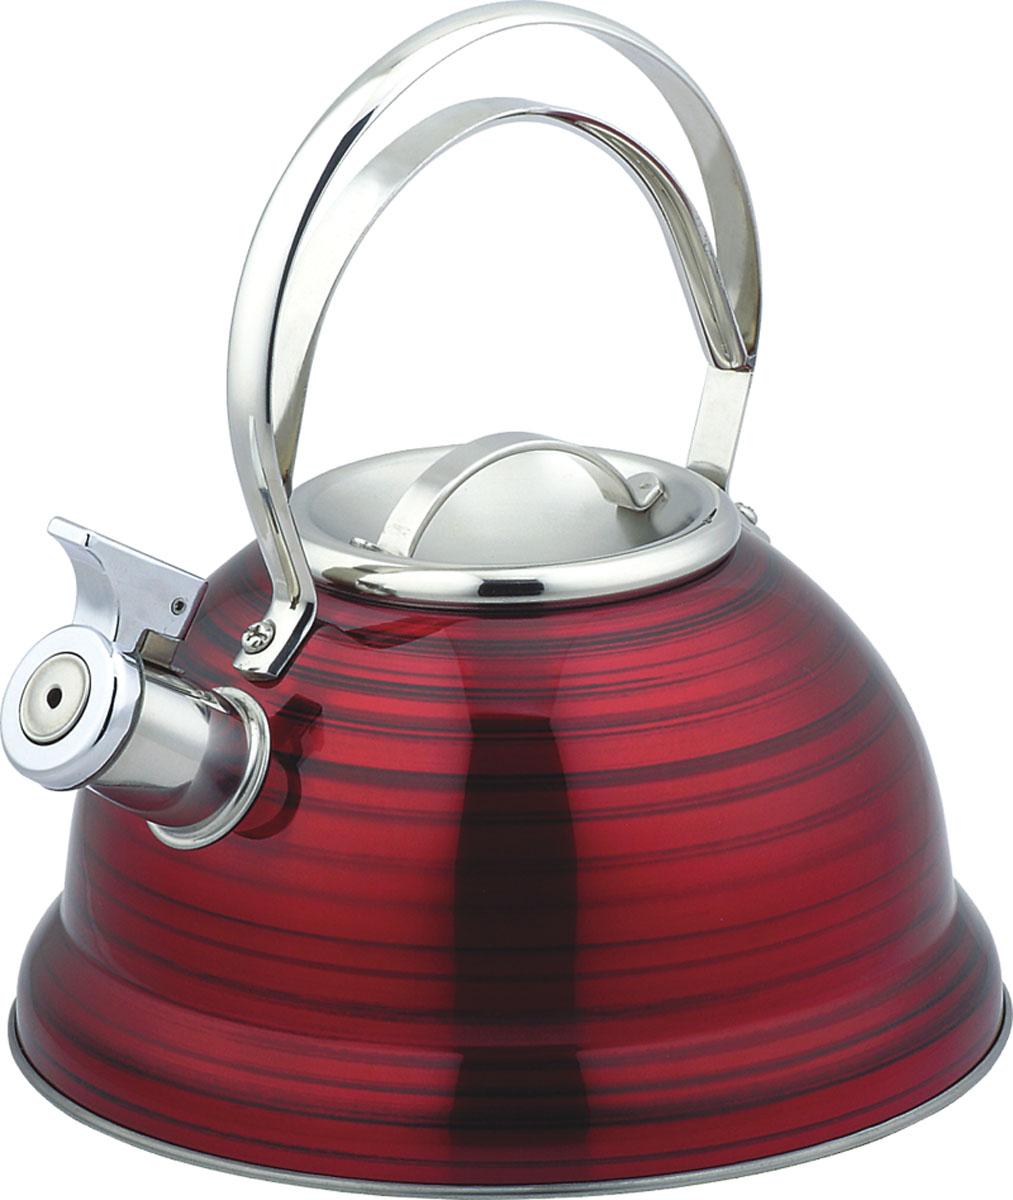 Чайник Bekker De Luxe, со свистком, 2,5 л. BK-S42854 009312Чайник Bekker De Luxe изготовлен из высококачественной нержавеющей стали с цветным матовым покрытием в полоску. Капсулированное дно распределяет тепло по всей поверхности, что позволяет чайнику быстро закипать. Крышка и эргономичная фиксированная ручка выполнены из нержавеющей стали. Носик оснащен откидным свистком, который подскажет, когда закипела вода. Подходит для всех типов плит, кроме индукционных. Можно мыть в посудомоечной машине. Диаметр (по верхнему краю): 10 см. Диаметр основания: 22 см. Толщина стенки: 0,4 мм.Высота чайника (без учета ручки и крышки): 11,5 см. Высота чайника (с учетом ручки и крышки): 23,5 см.